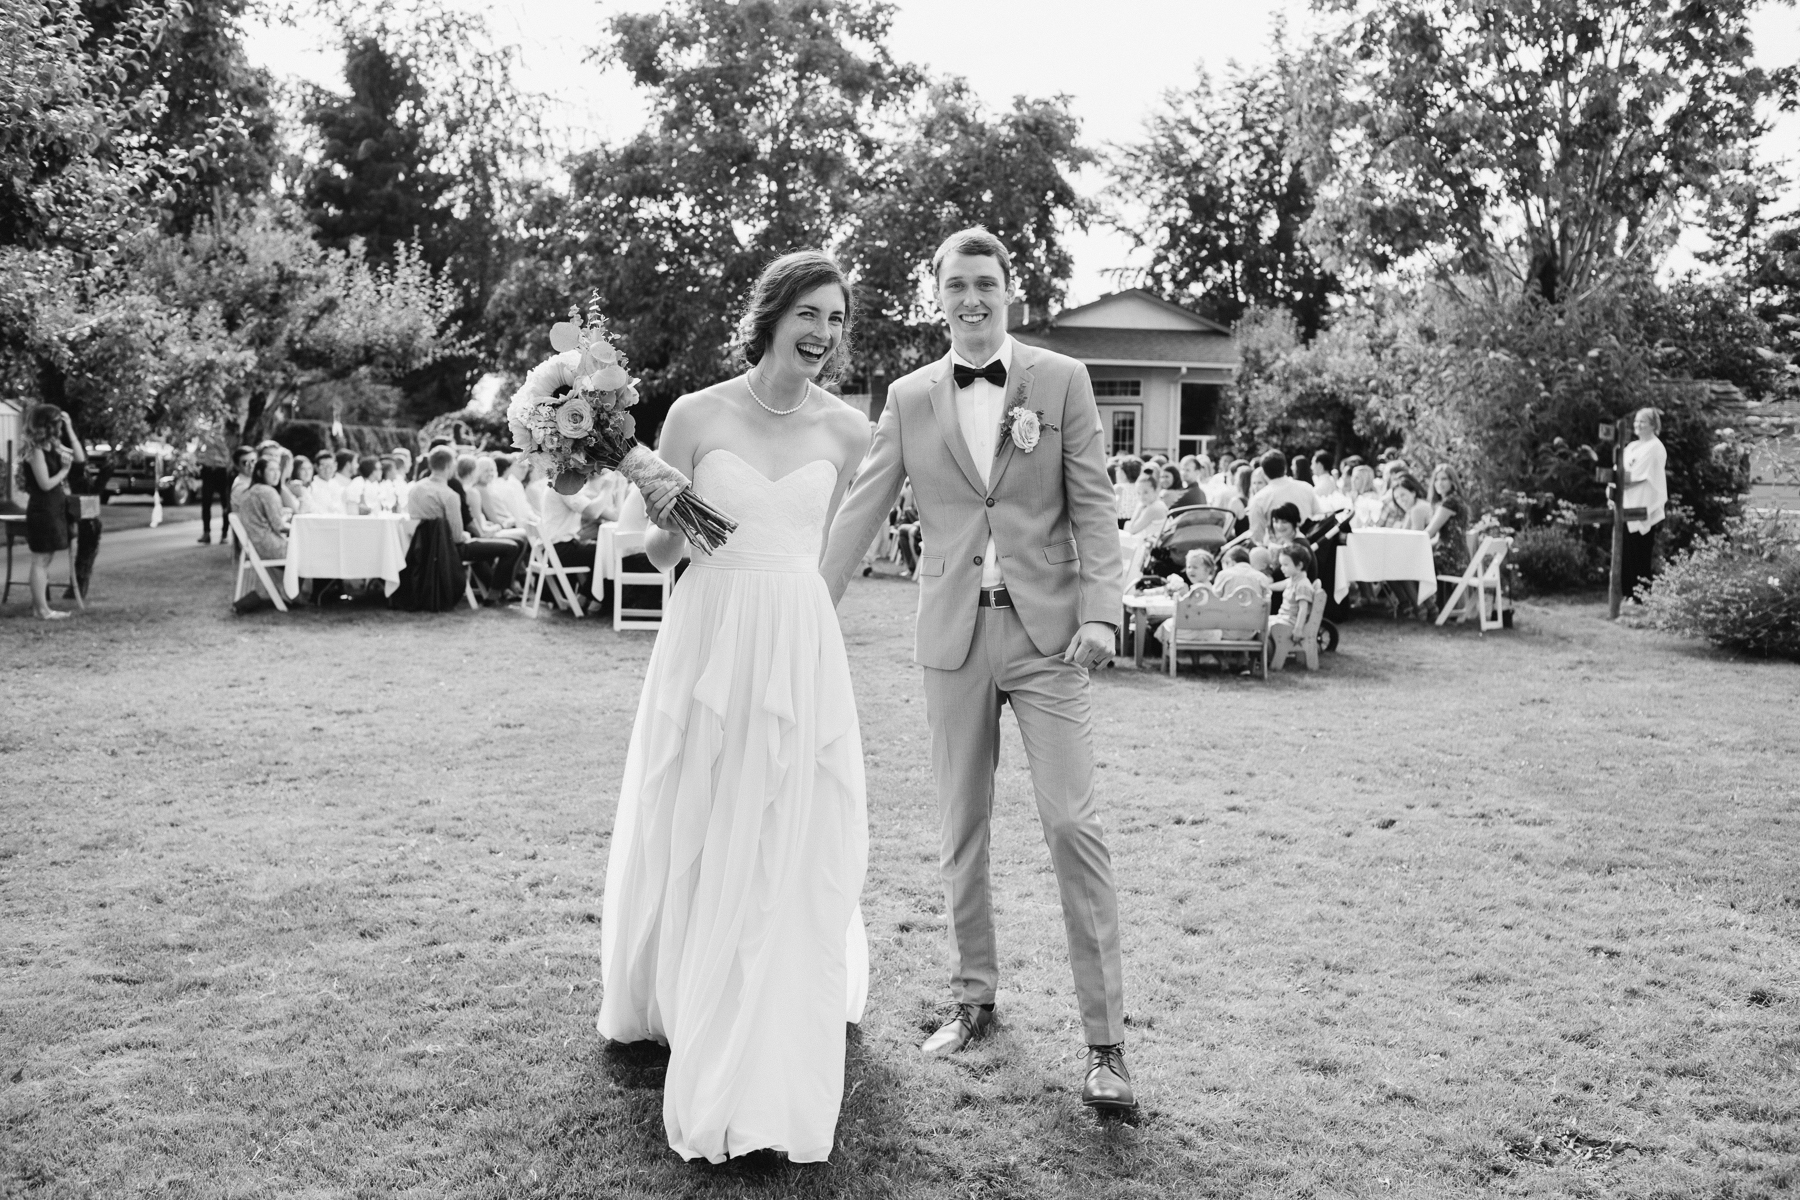 Vancouver-Rustic-Farm-Wedding-KB-129.jpg